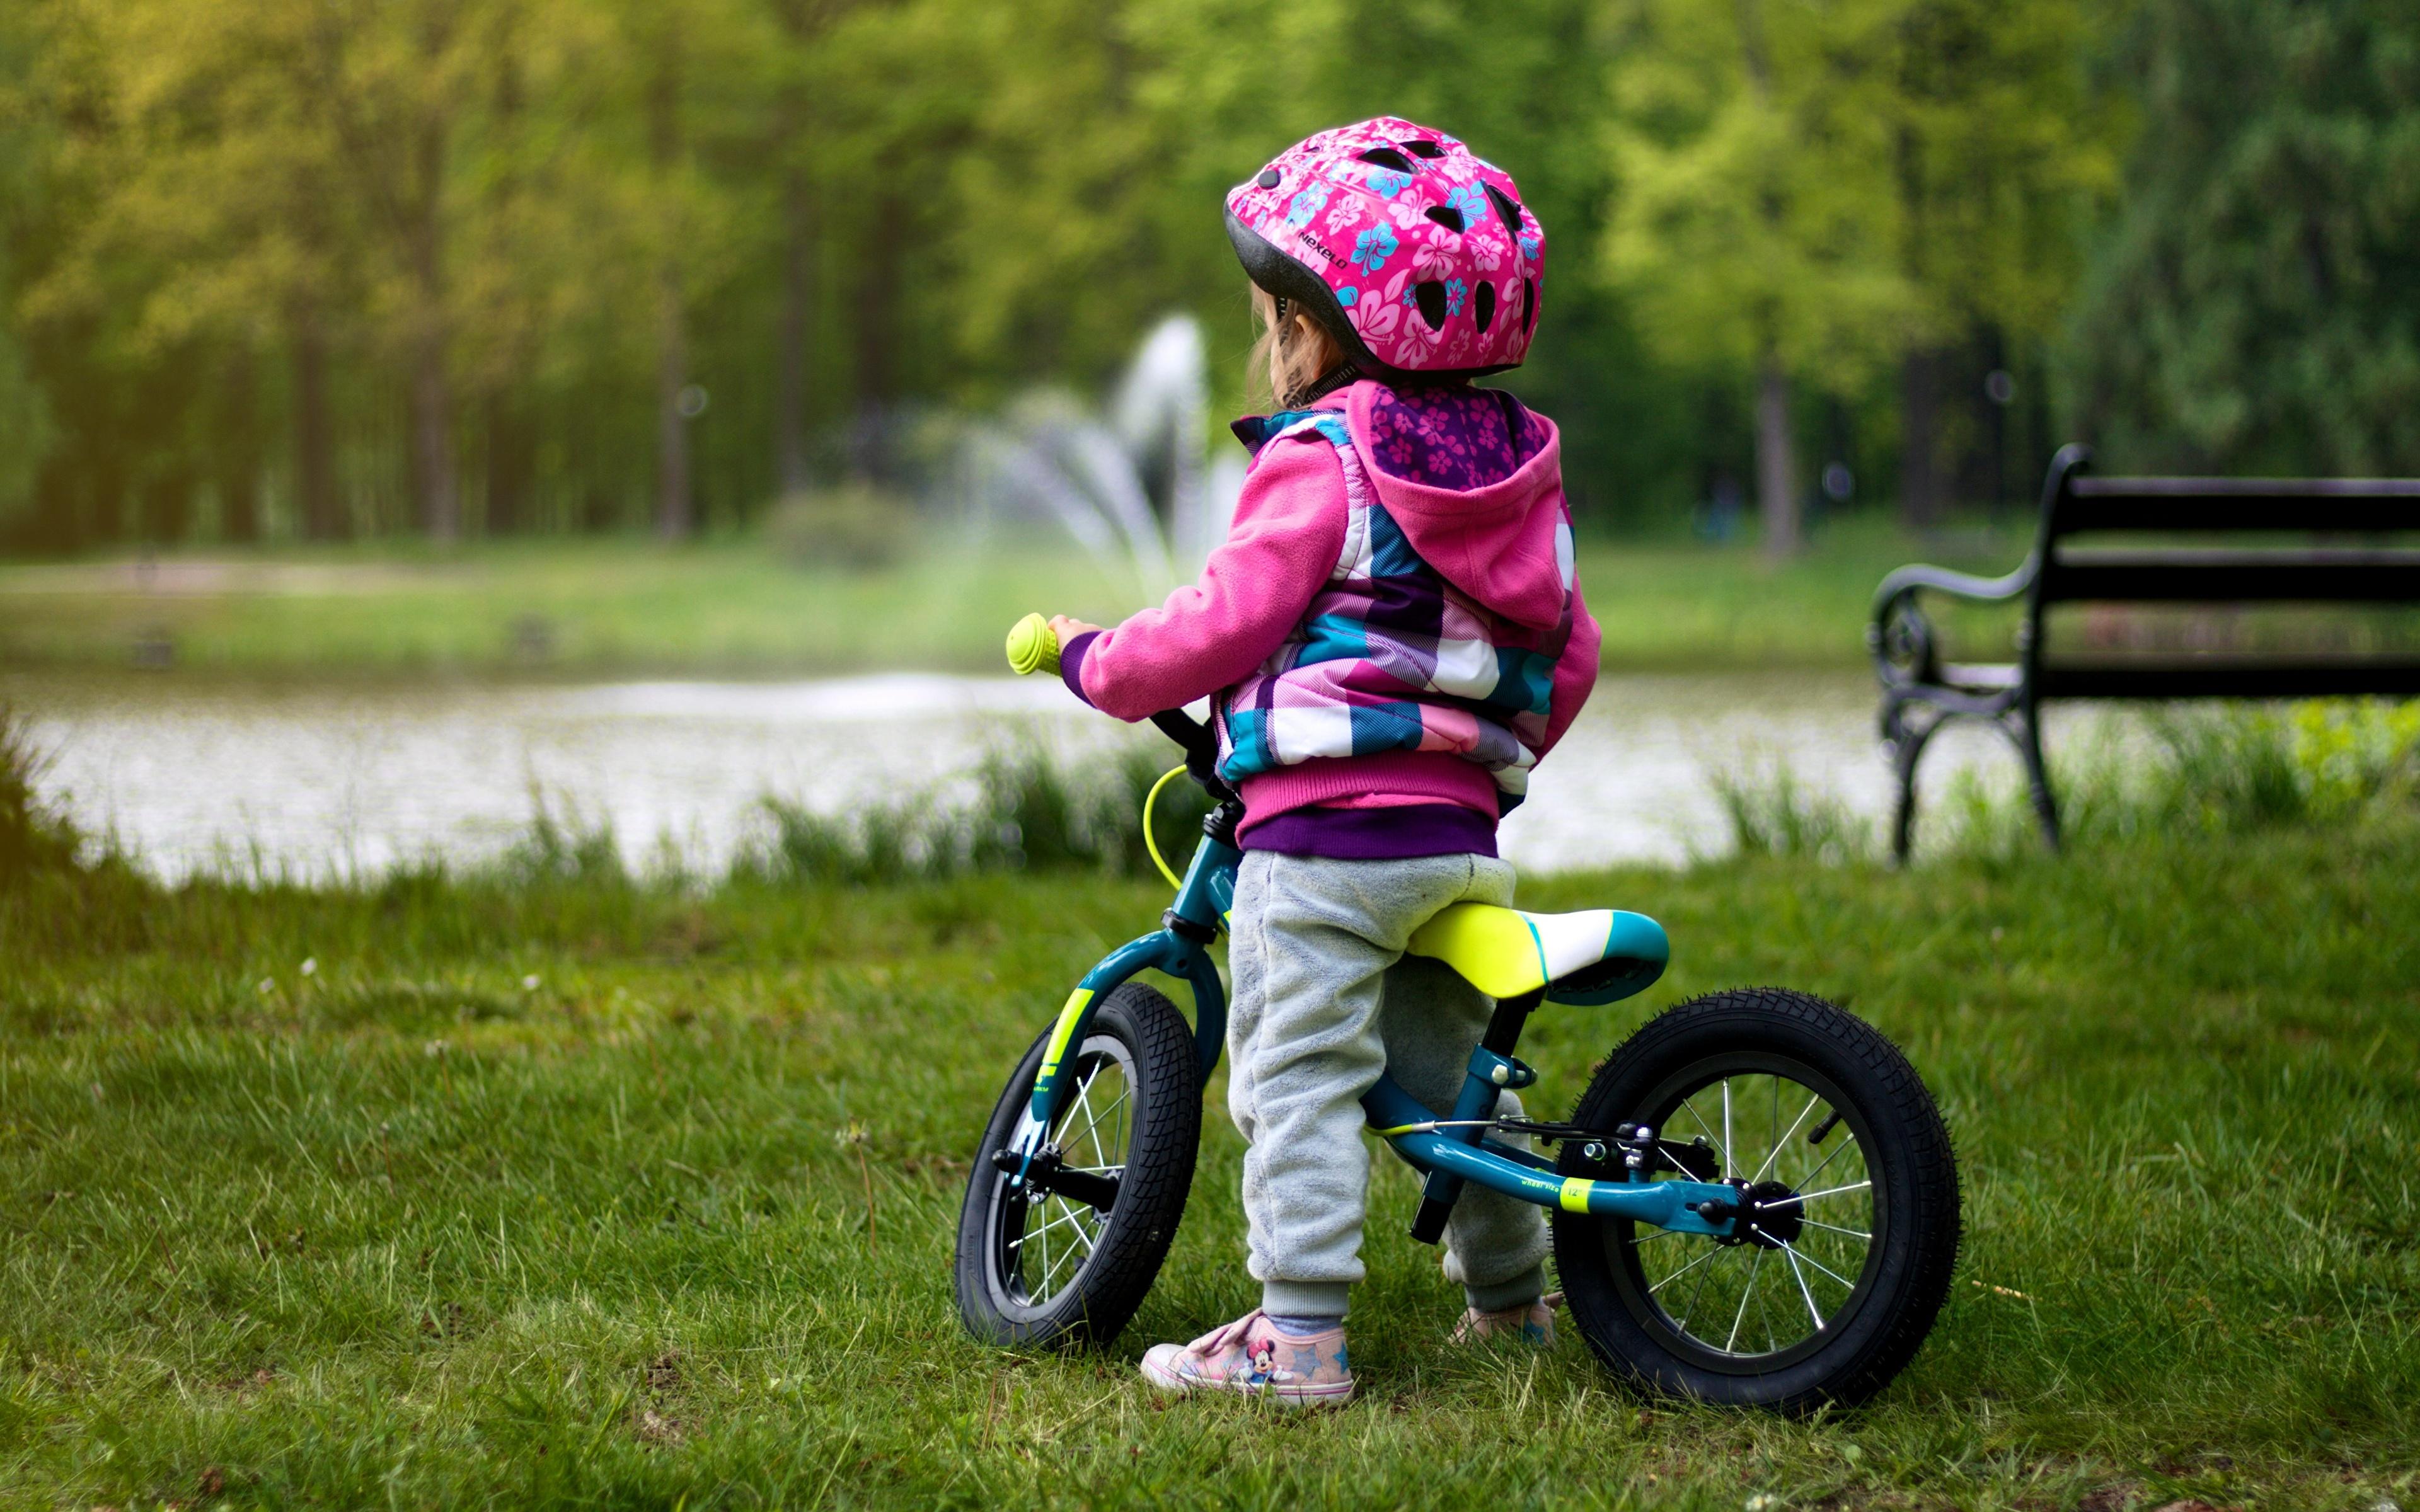 Bilder Kleine Mädchen Helm kind fahrräder Gras 3840x2400 Kinder Fahrrad